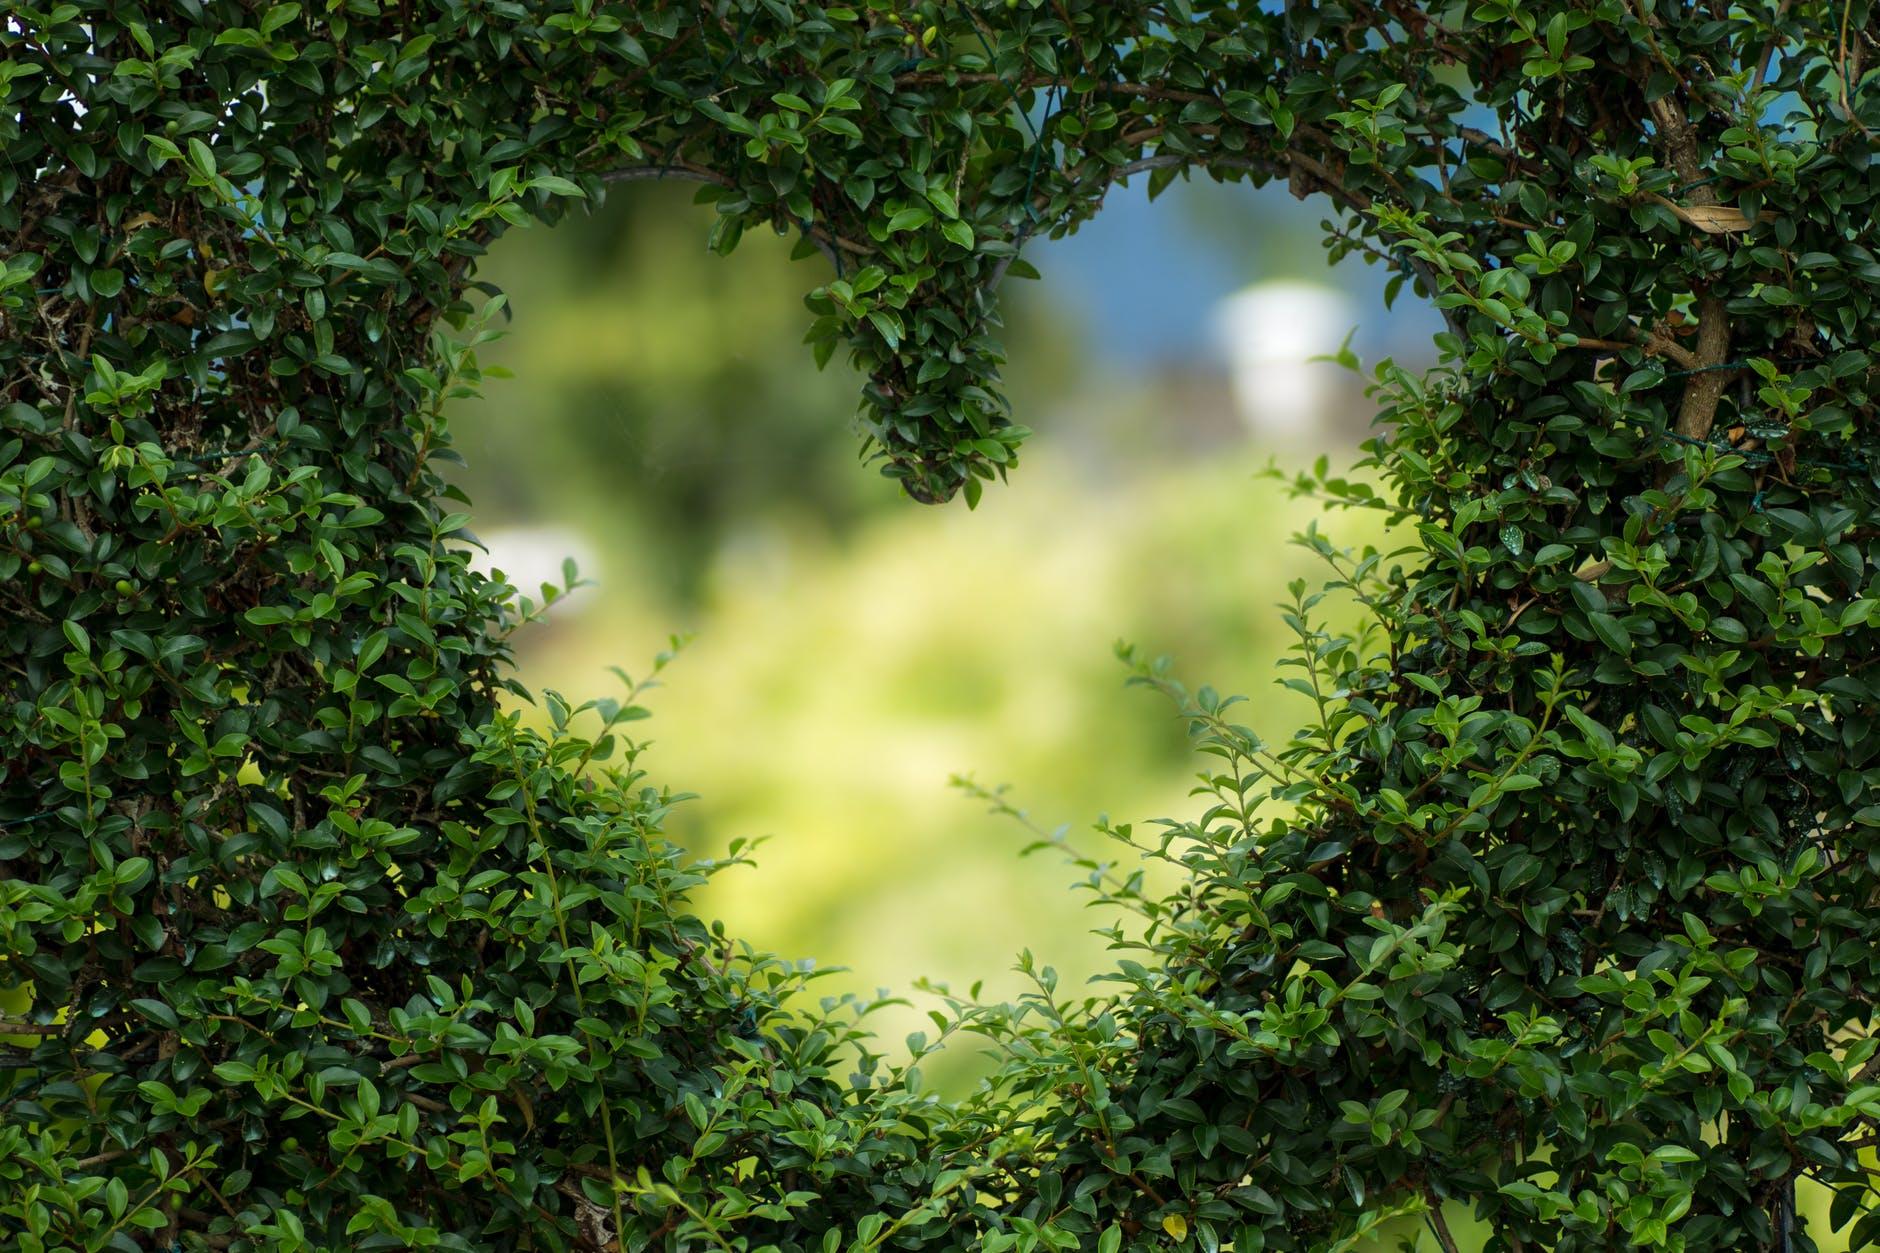 El Amor y el Miedo las dos emociones básicas, de ellas todas las demás.